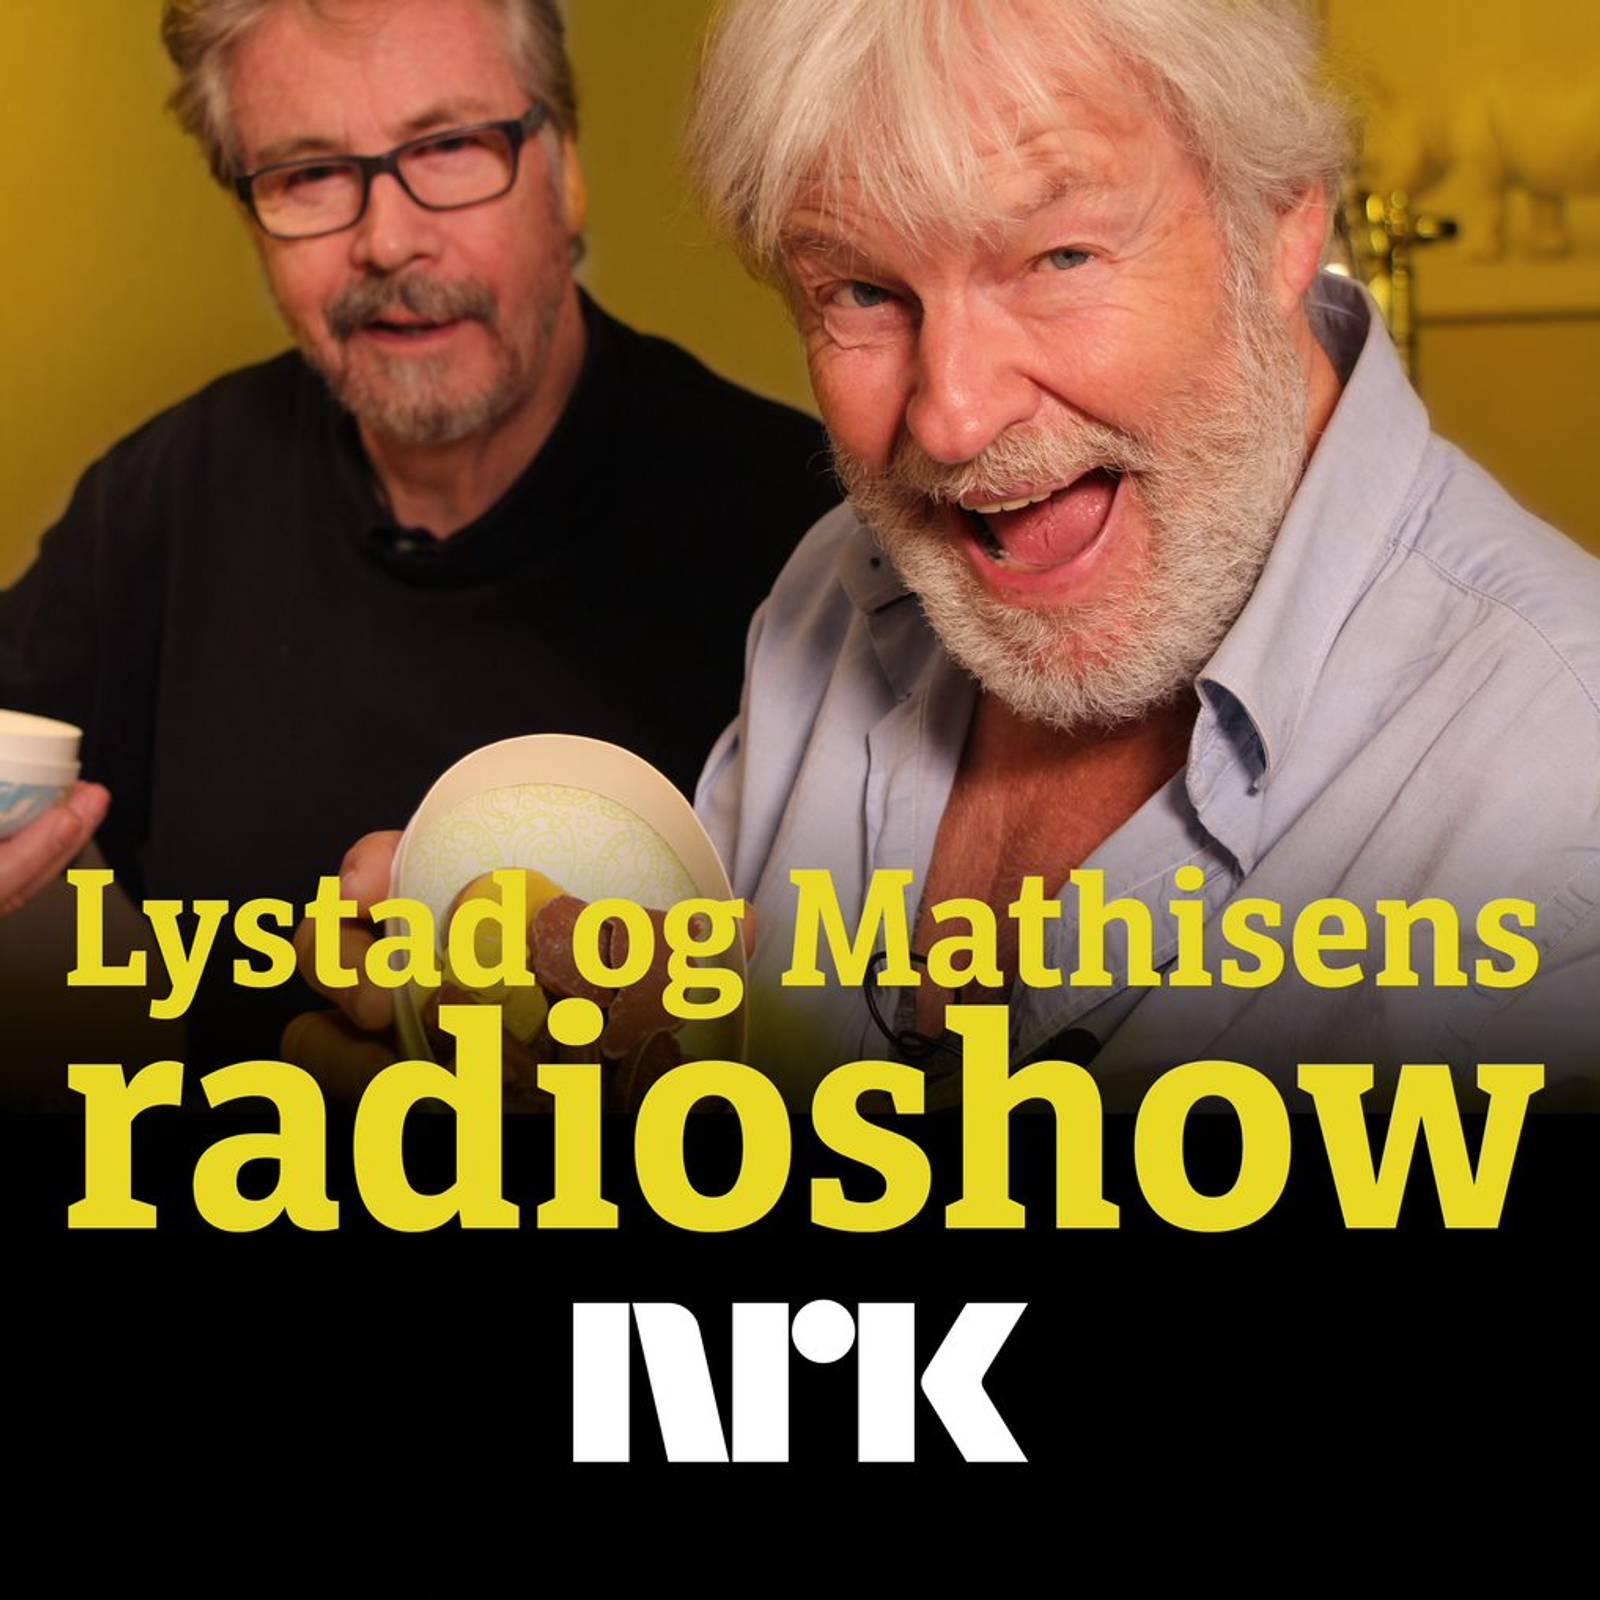 Lystad og Mathisens radioshow